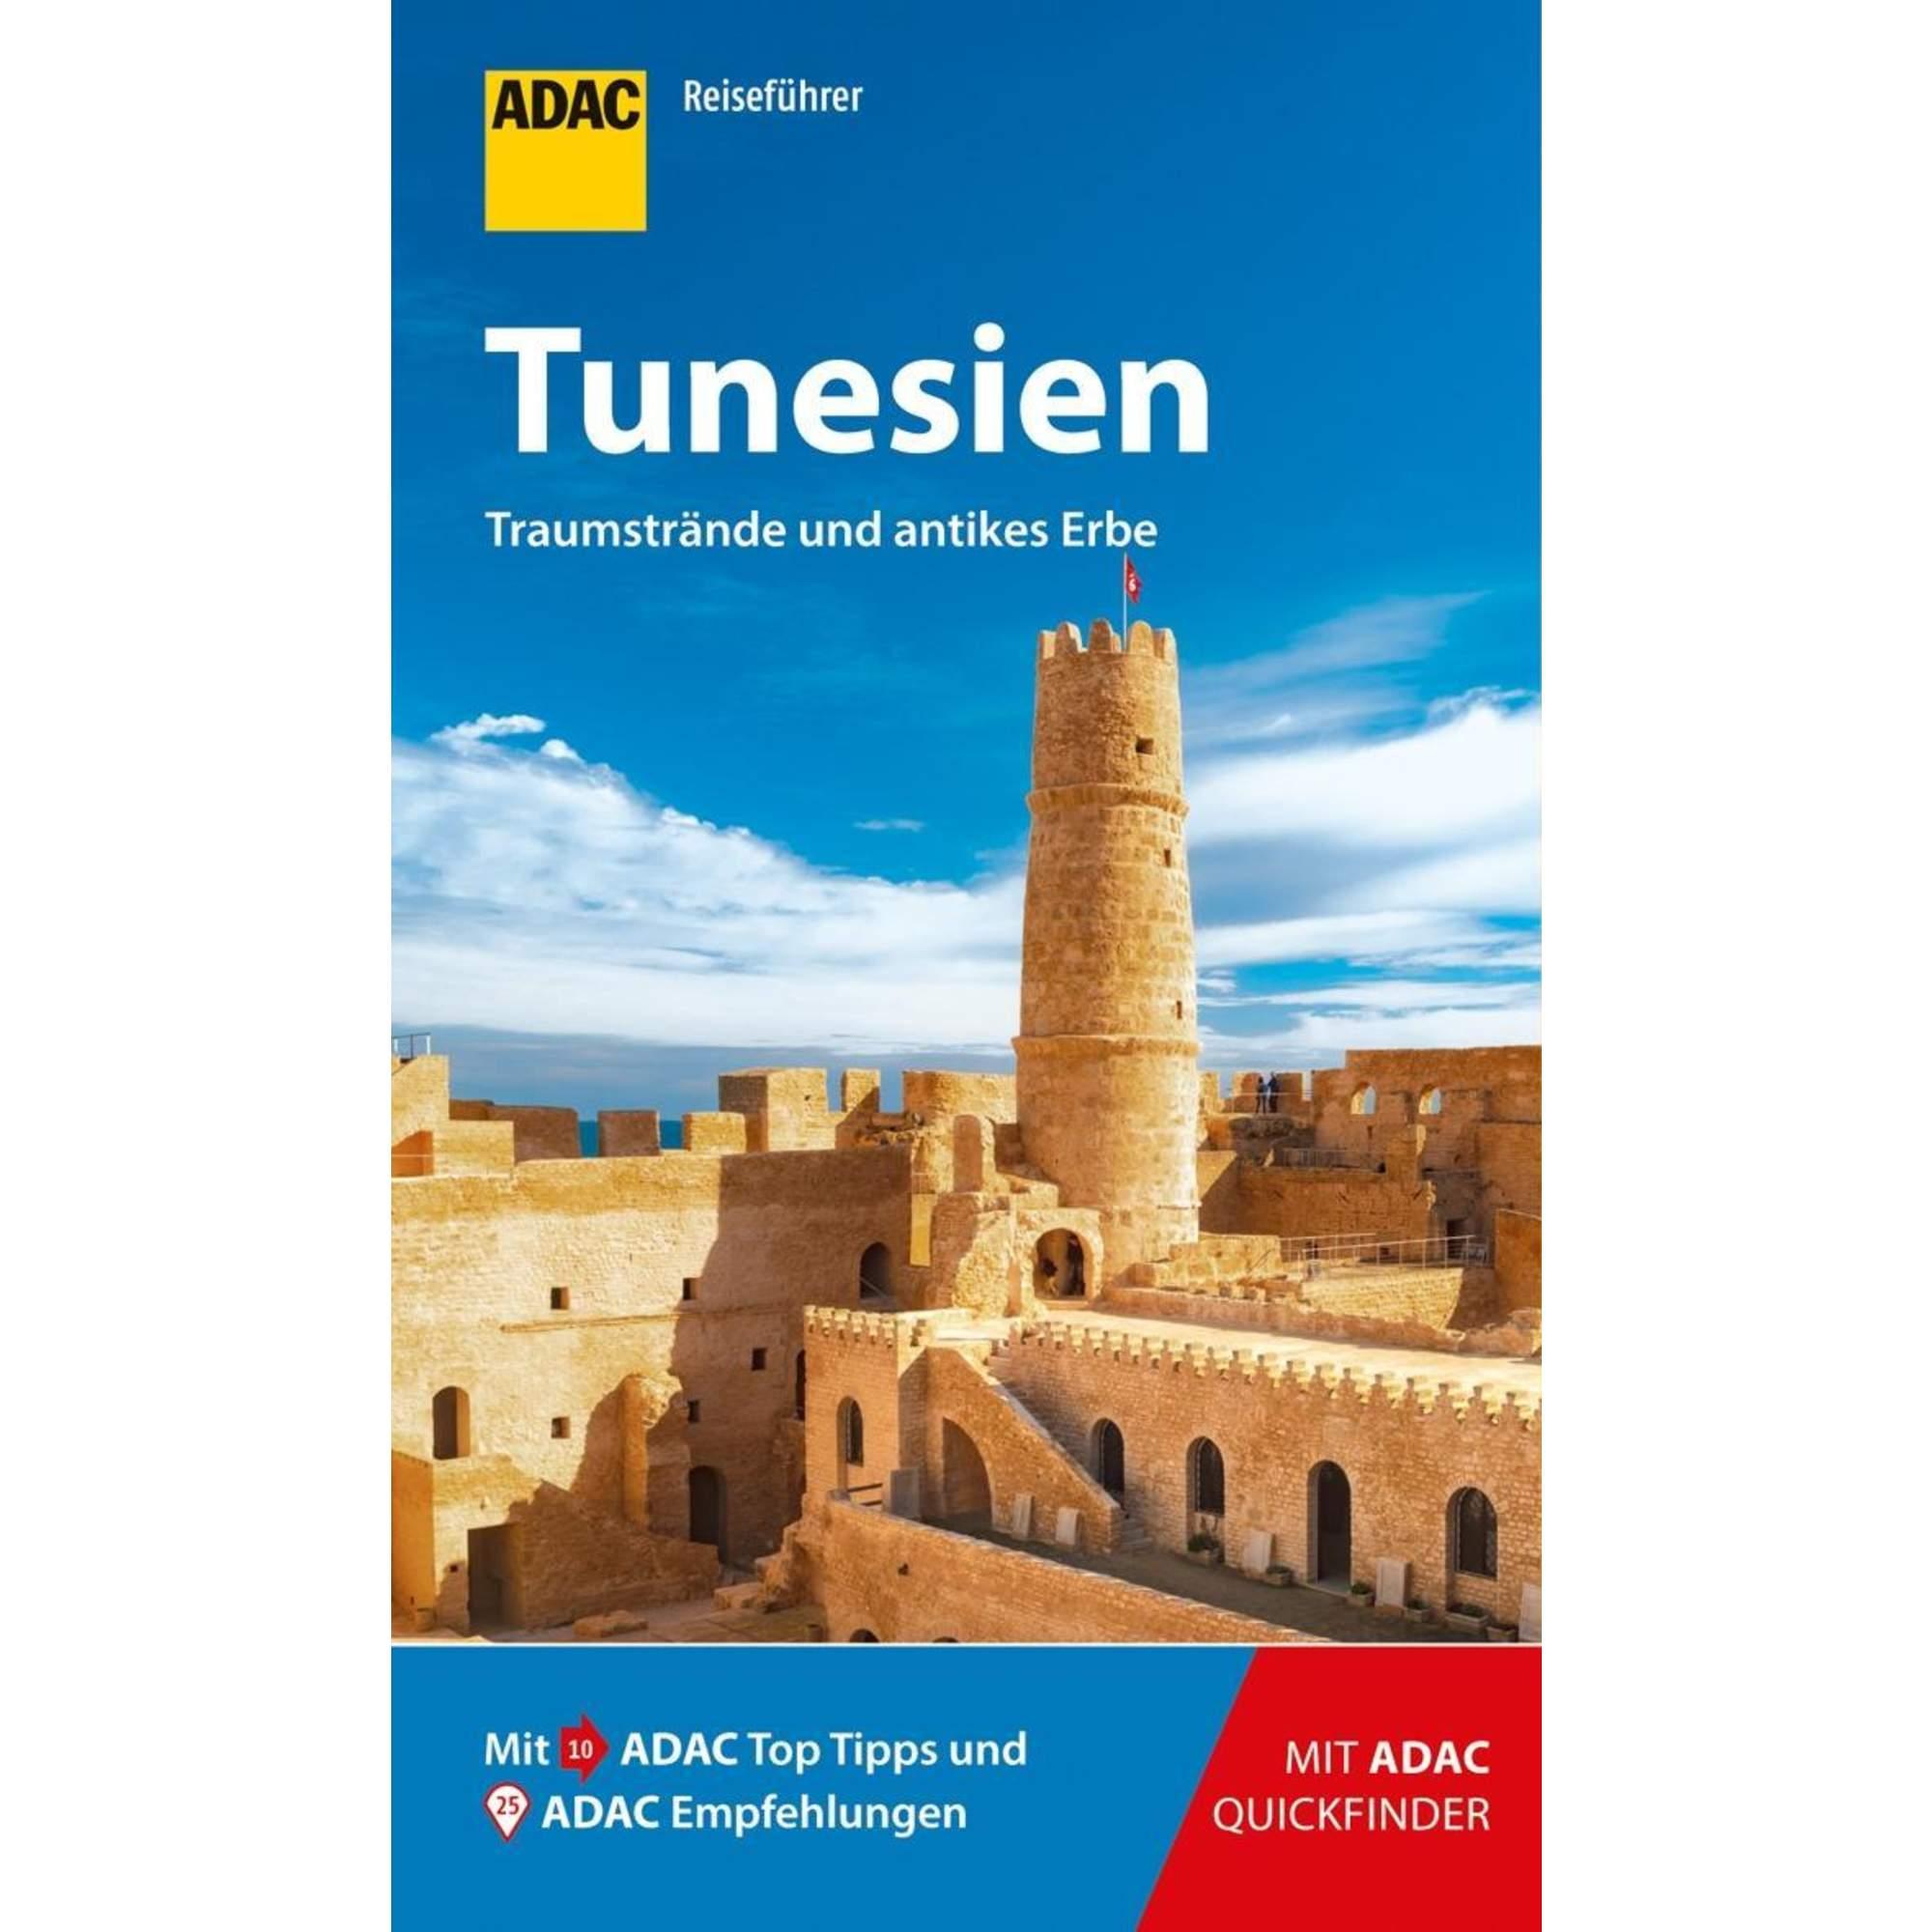 ADAC Reiseführer Tunesien, 9,99 Euro